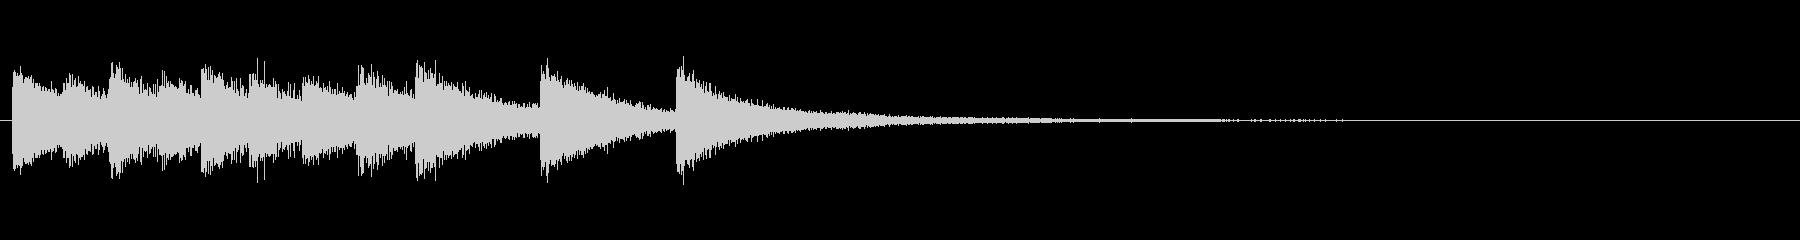 【結果発表02-1】の未再生の波形